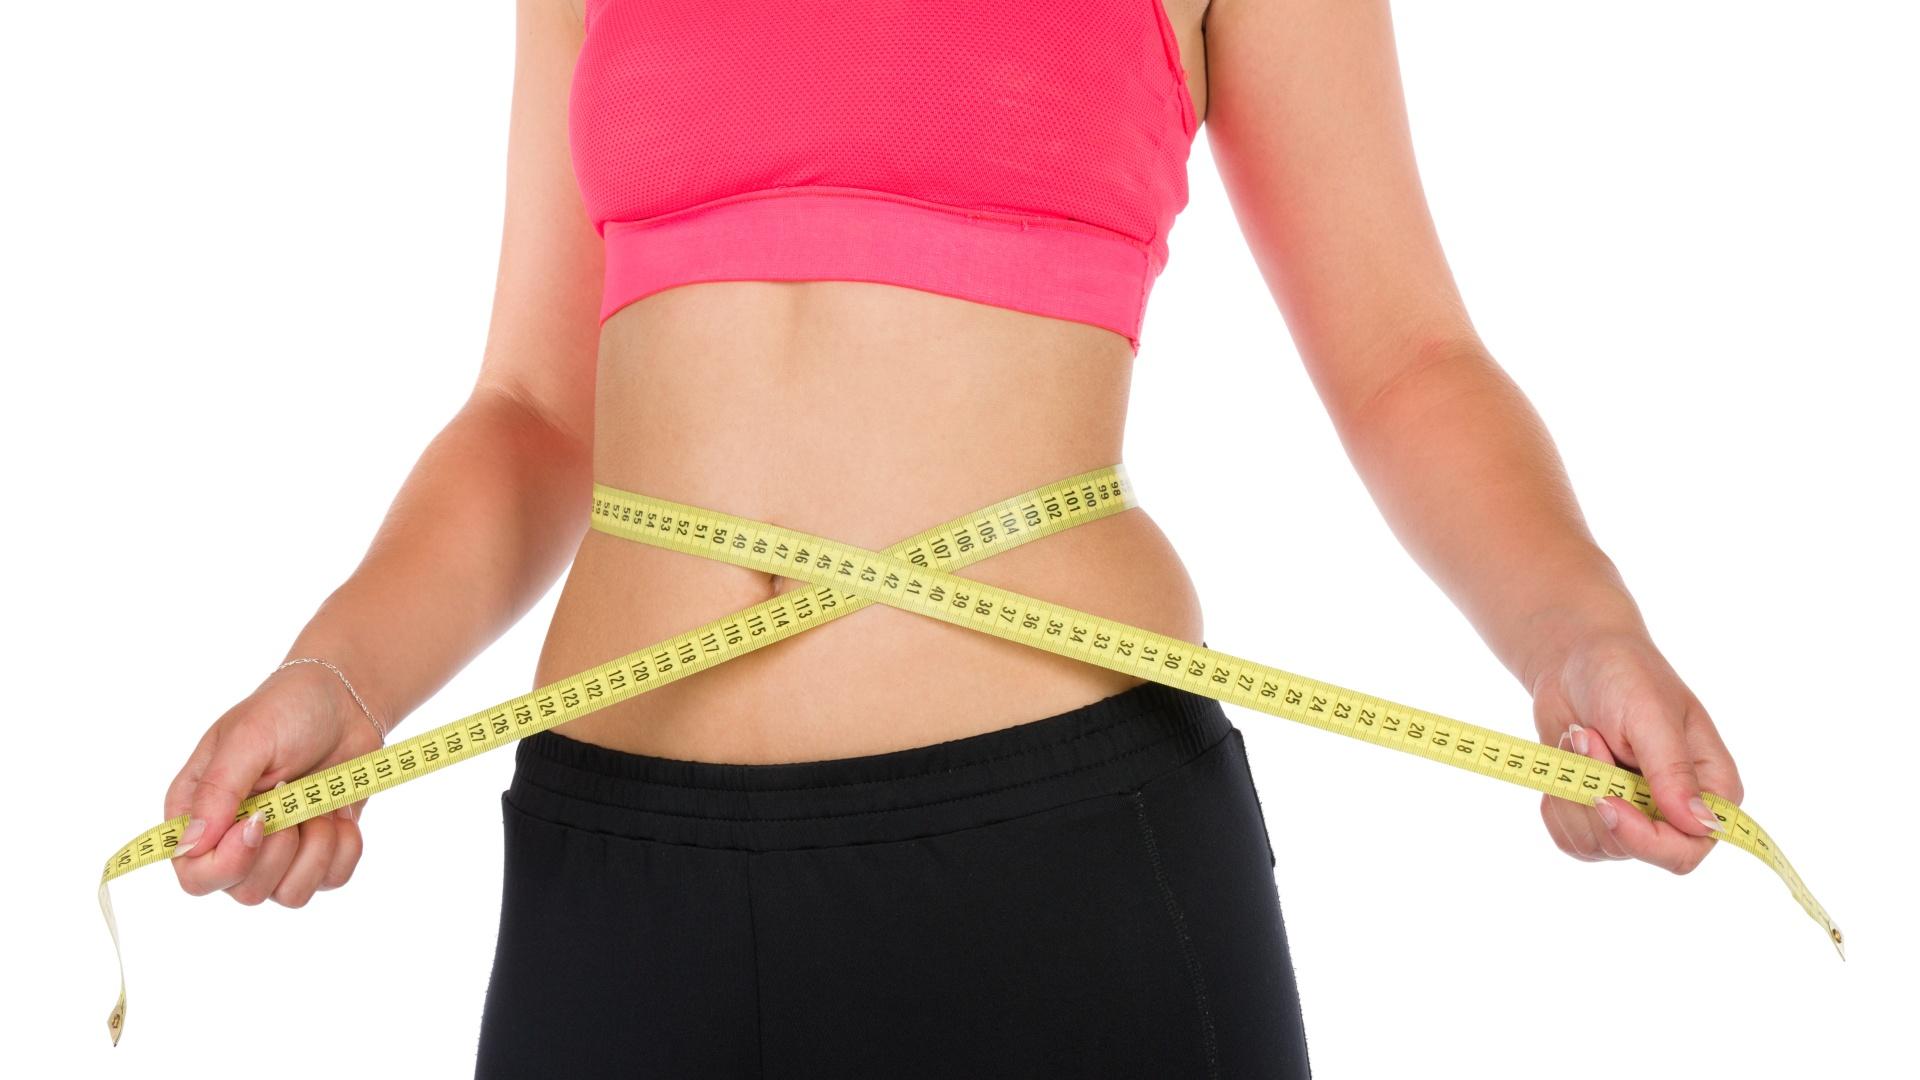 pierderea în greutate va ajuta fertilitatea